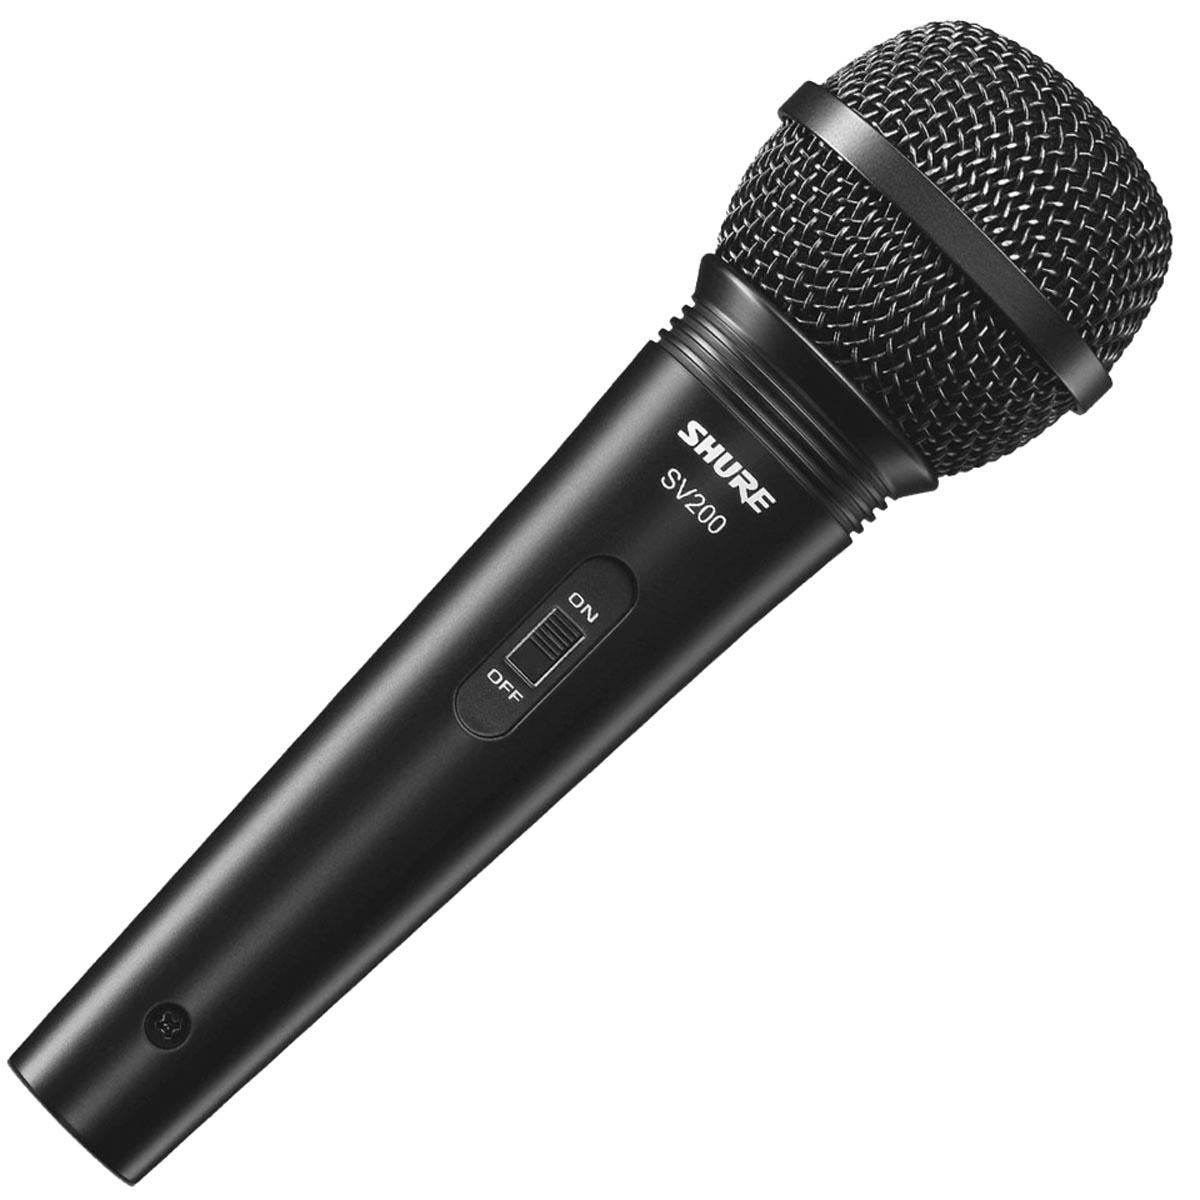 MICROFONE PROFISSIONAL VOCAL COM FIO SV200 COM CABO 4,5 METROS